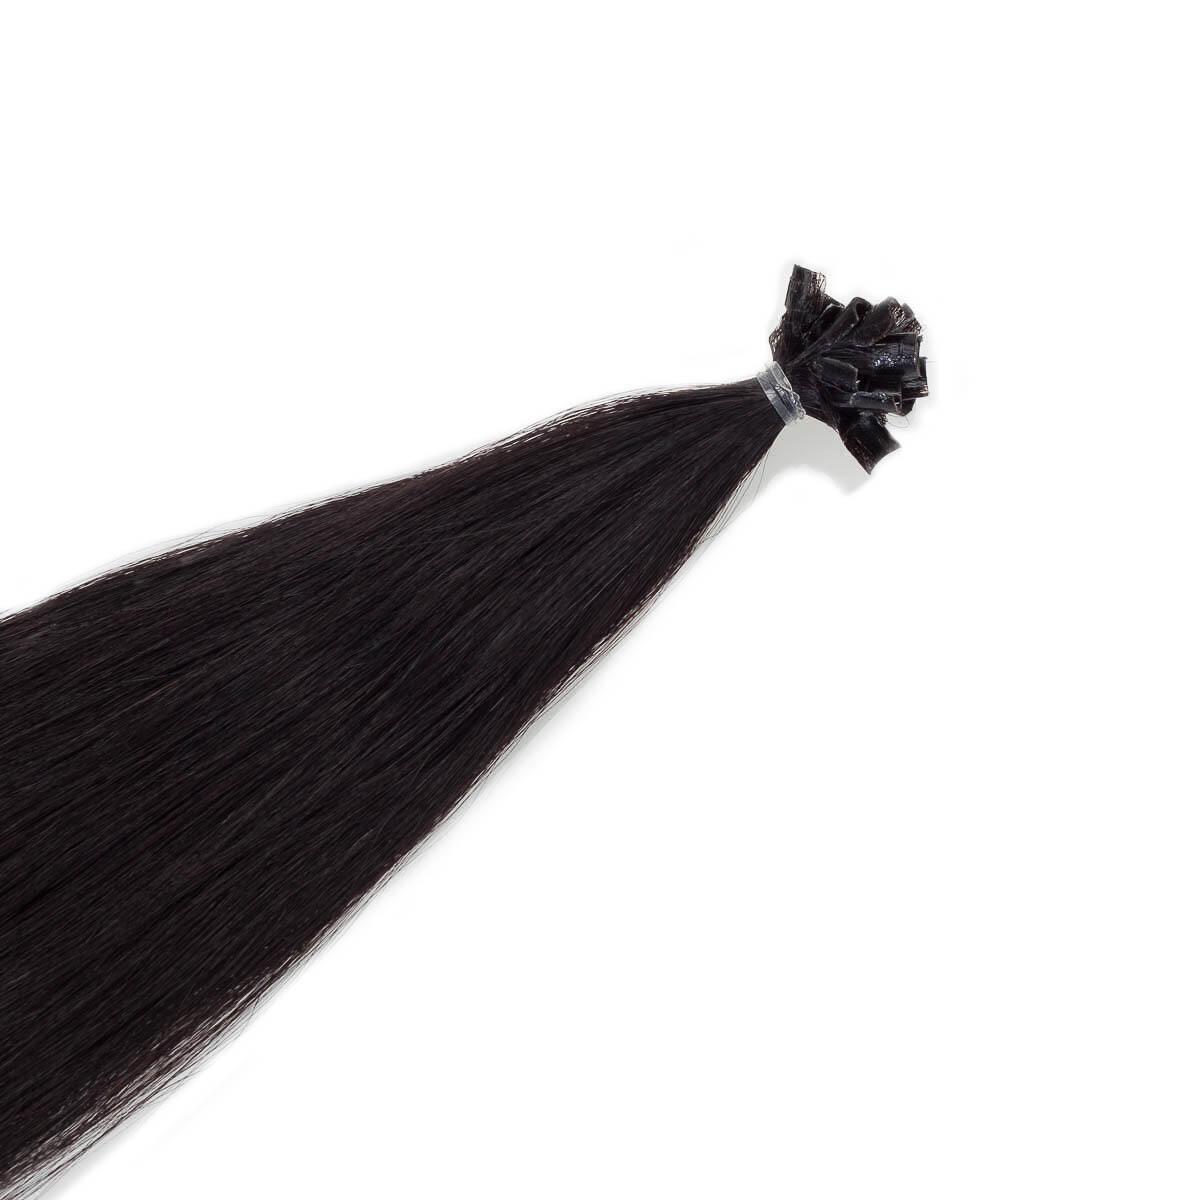 Bondings Original Glatt 1.2 Black Brown 50 cm